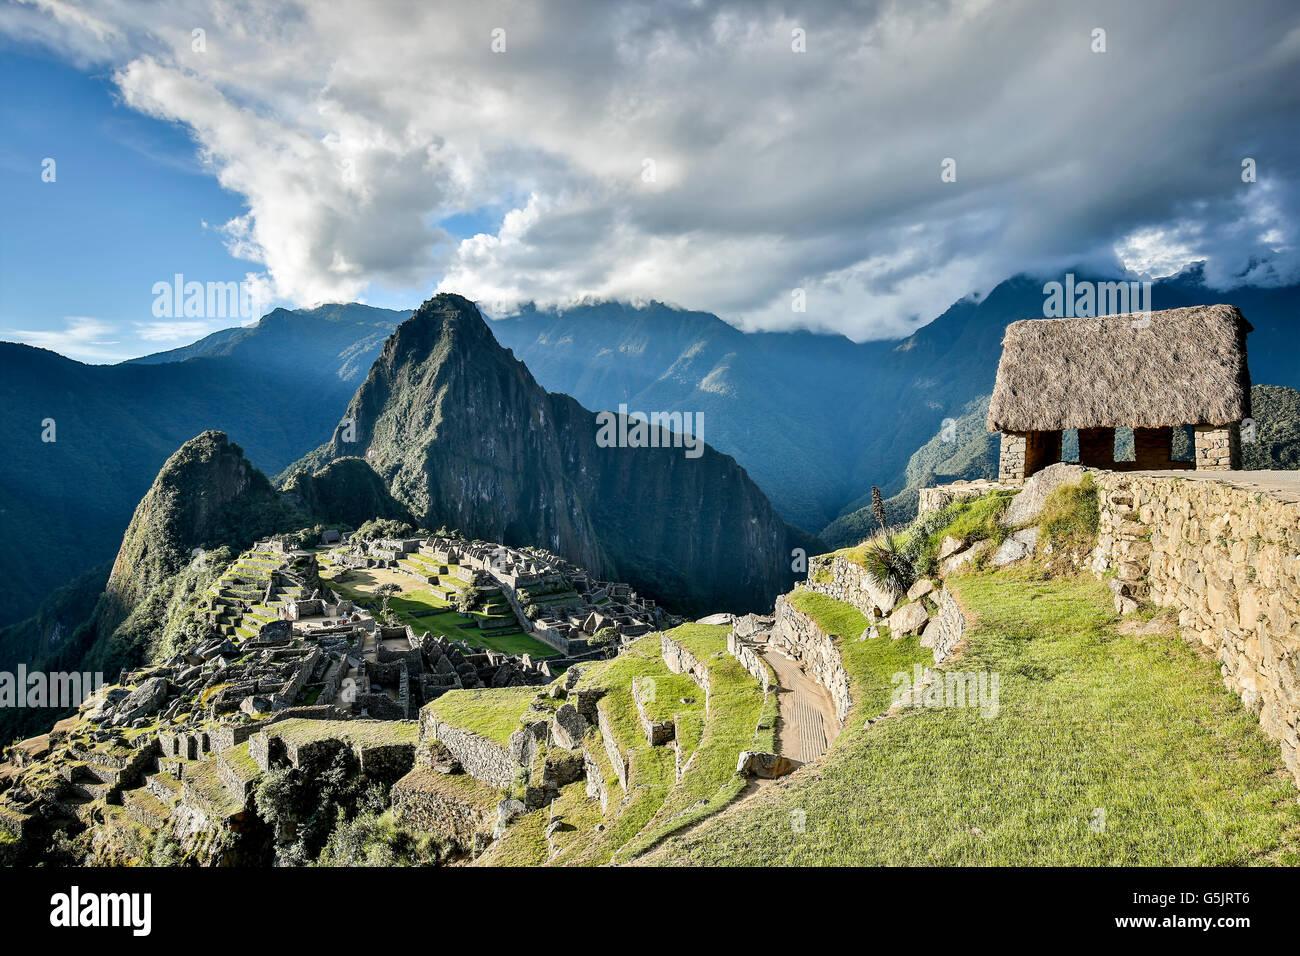 Guardiola (destra) e Machu Picchu rovine, Cusco, Perù Immagini Stock